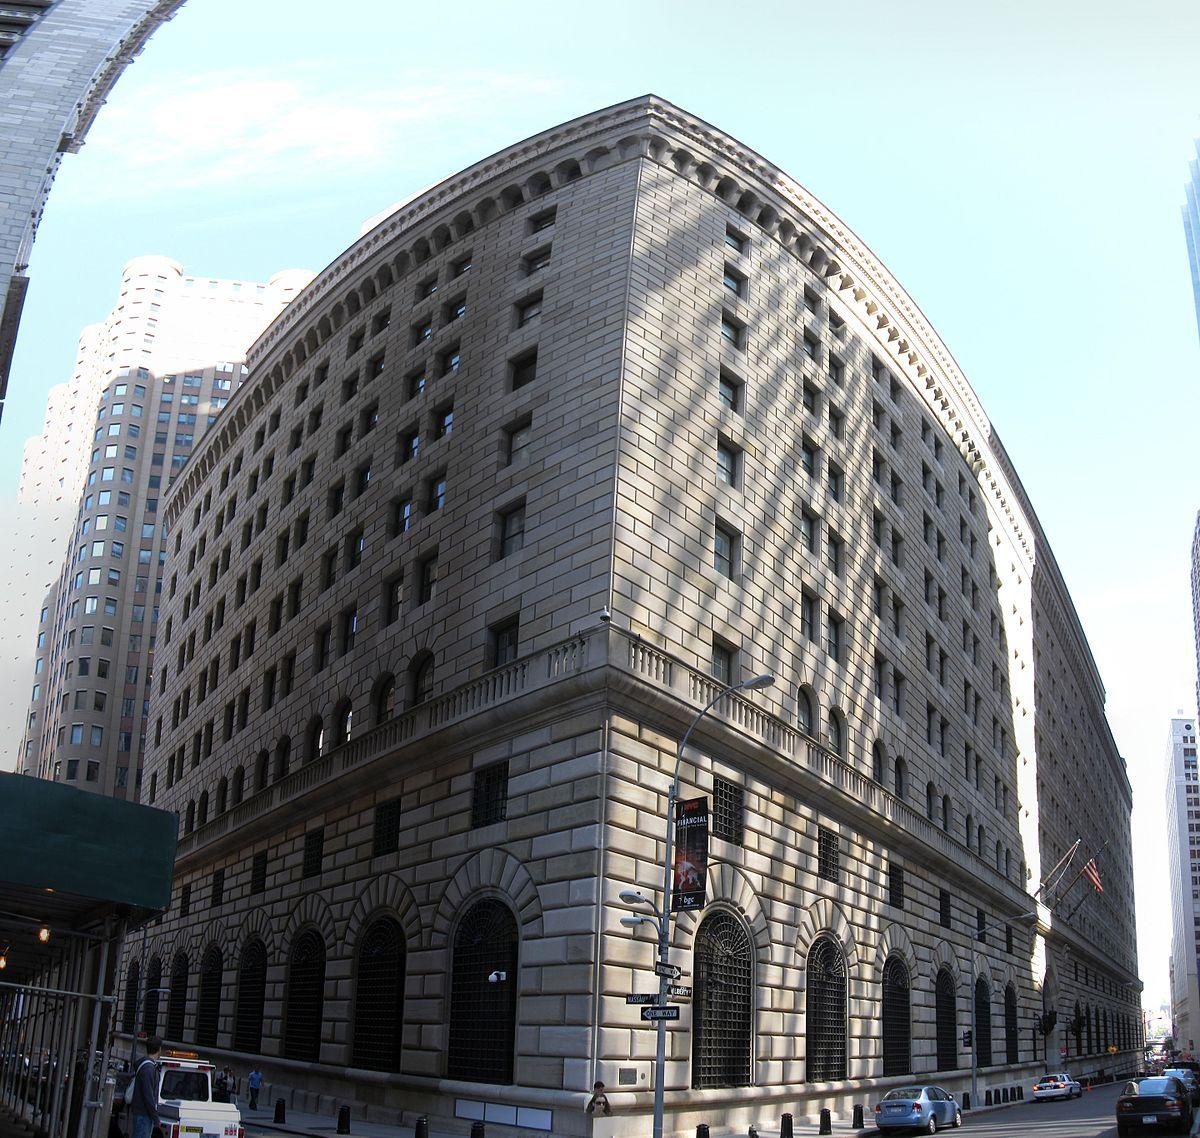 33 Liberty Street Stitched Bangladesh Bank Heist Wikipedia